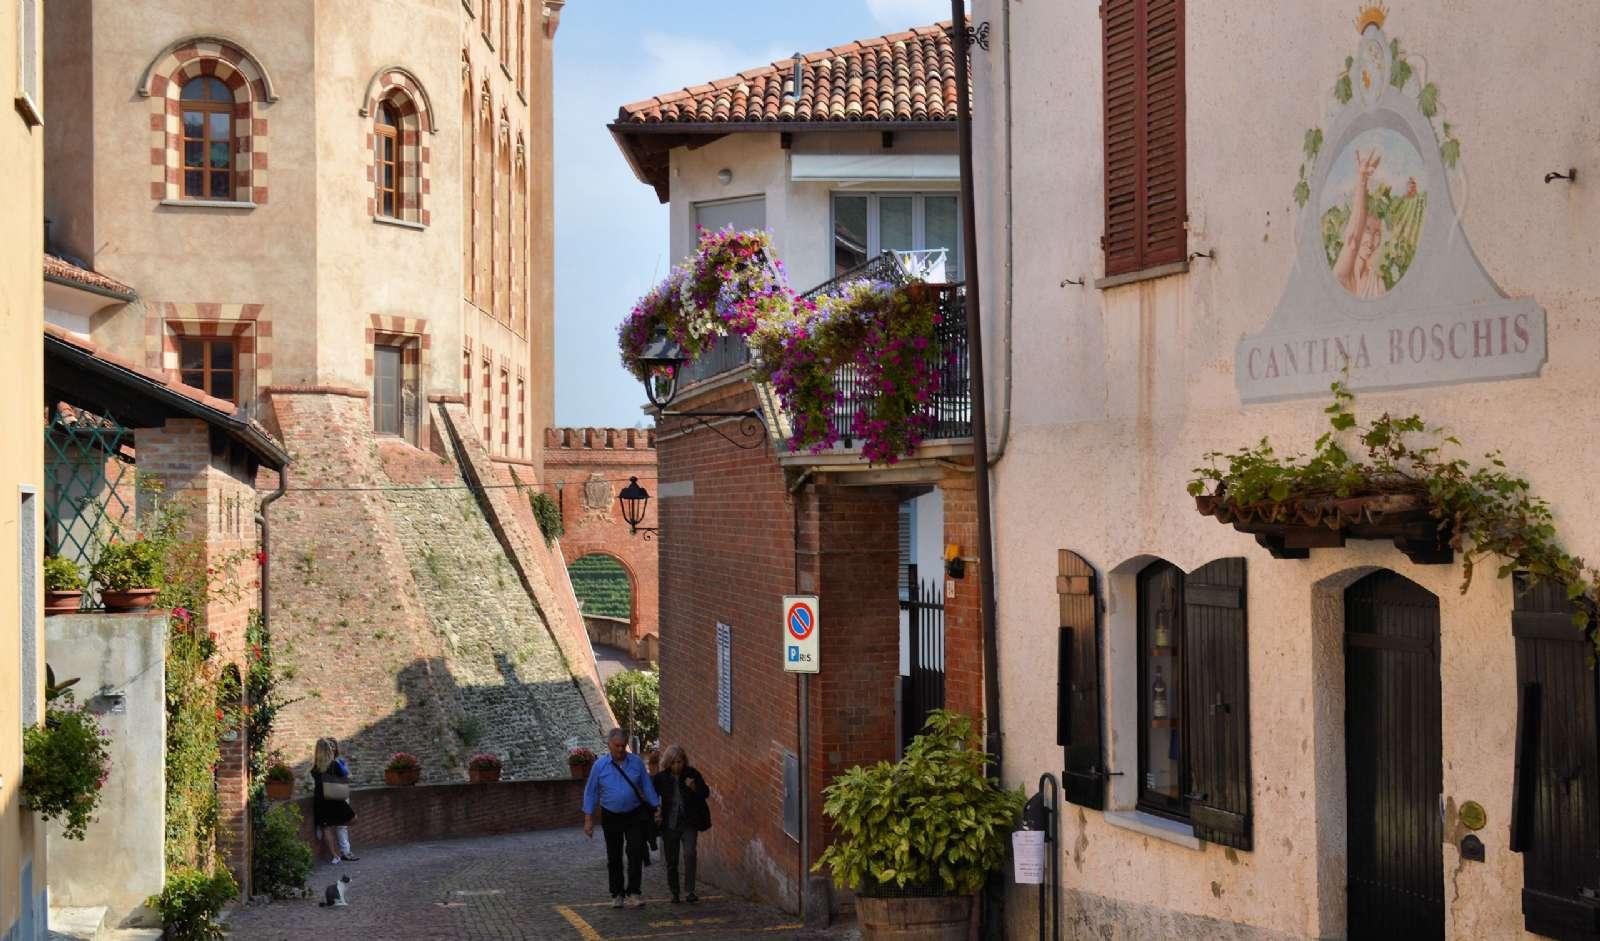 Stemingsfulde gader og bygninger